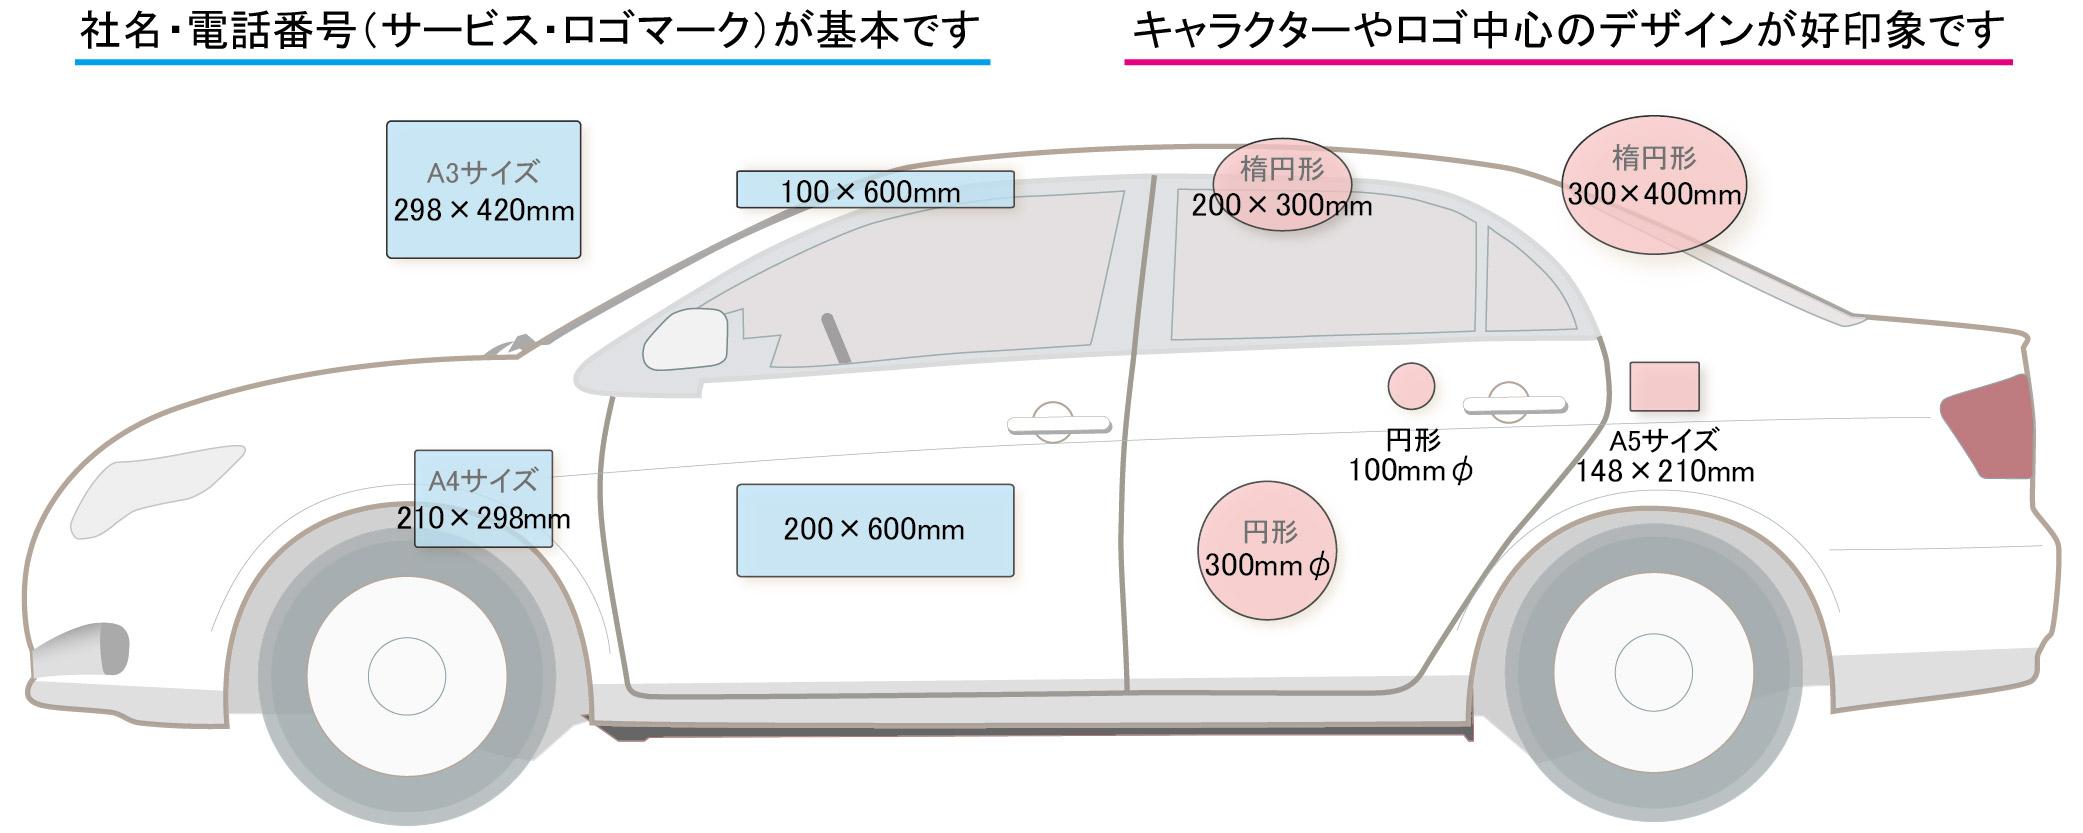 車サイズ一覧